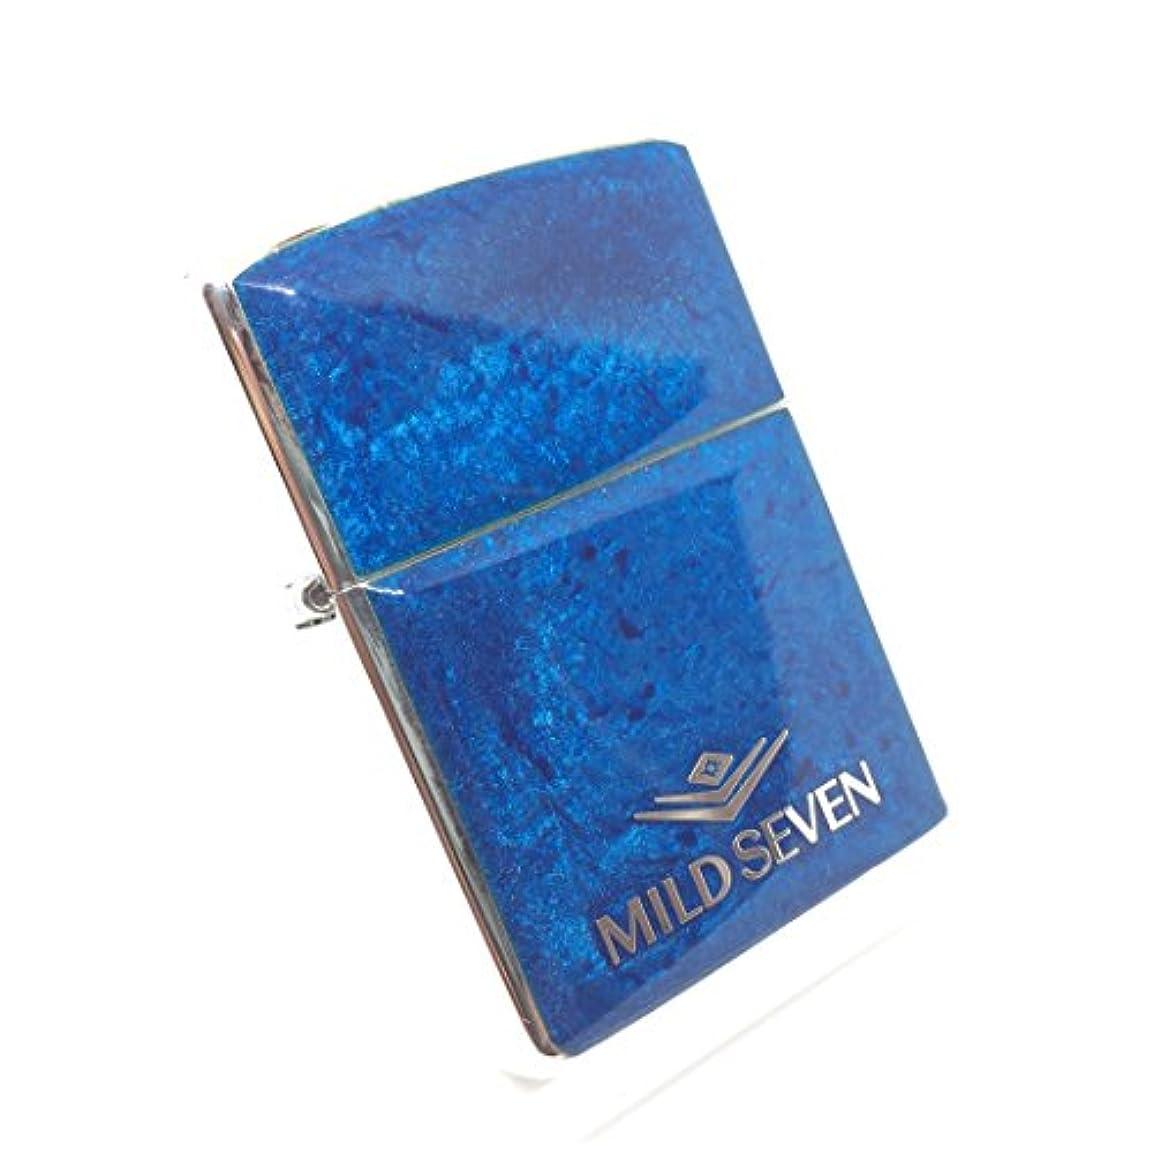 バッグバラエティ顕著DEEP BLUE ZIPPO MILD SEVEN マイルドセブン 1998 限定生産